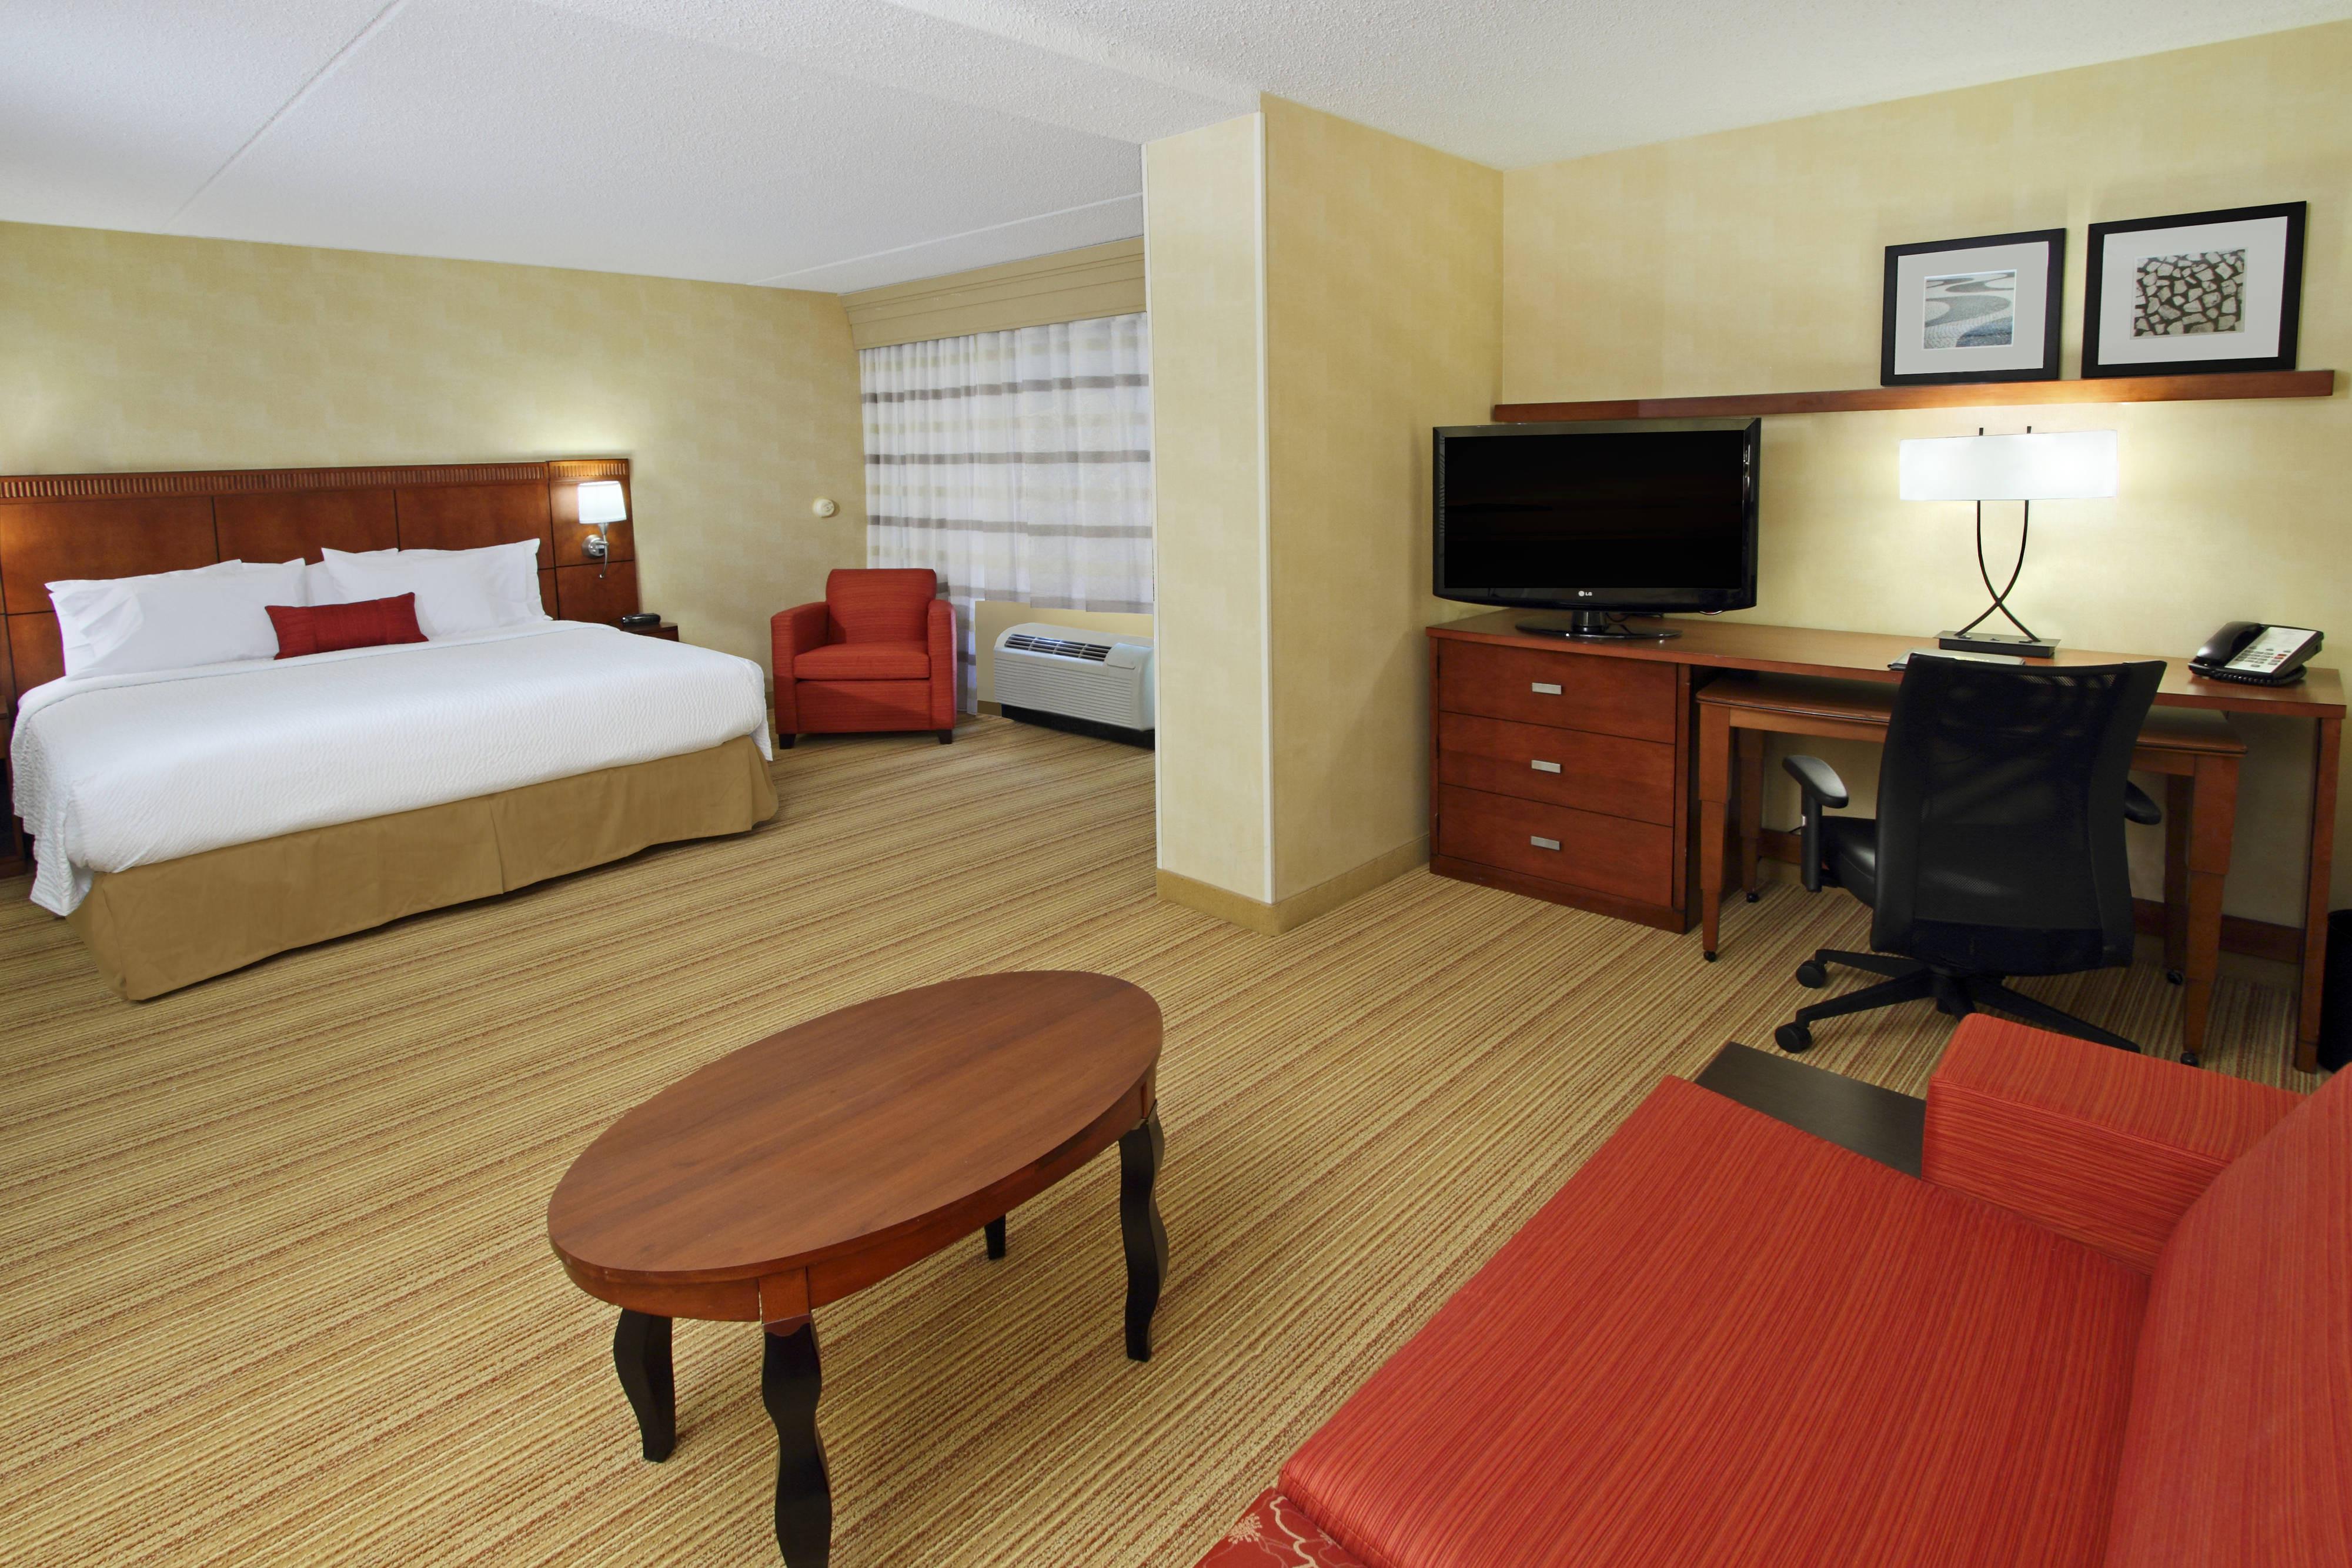 custom hardwood flooring randolph nj of rockaway nj hotel rooms suites in mt arlington within king suite